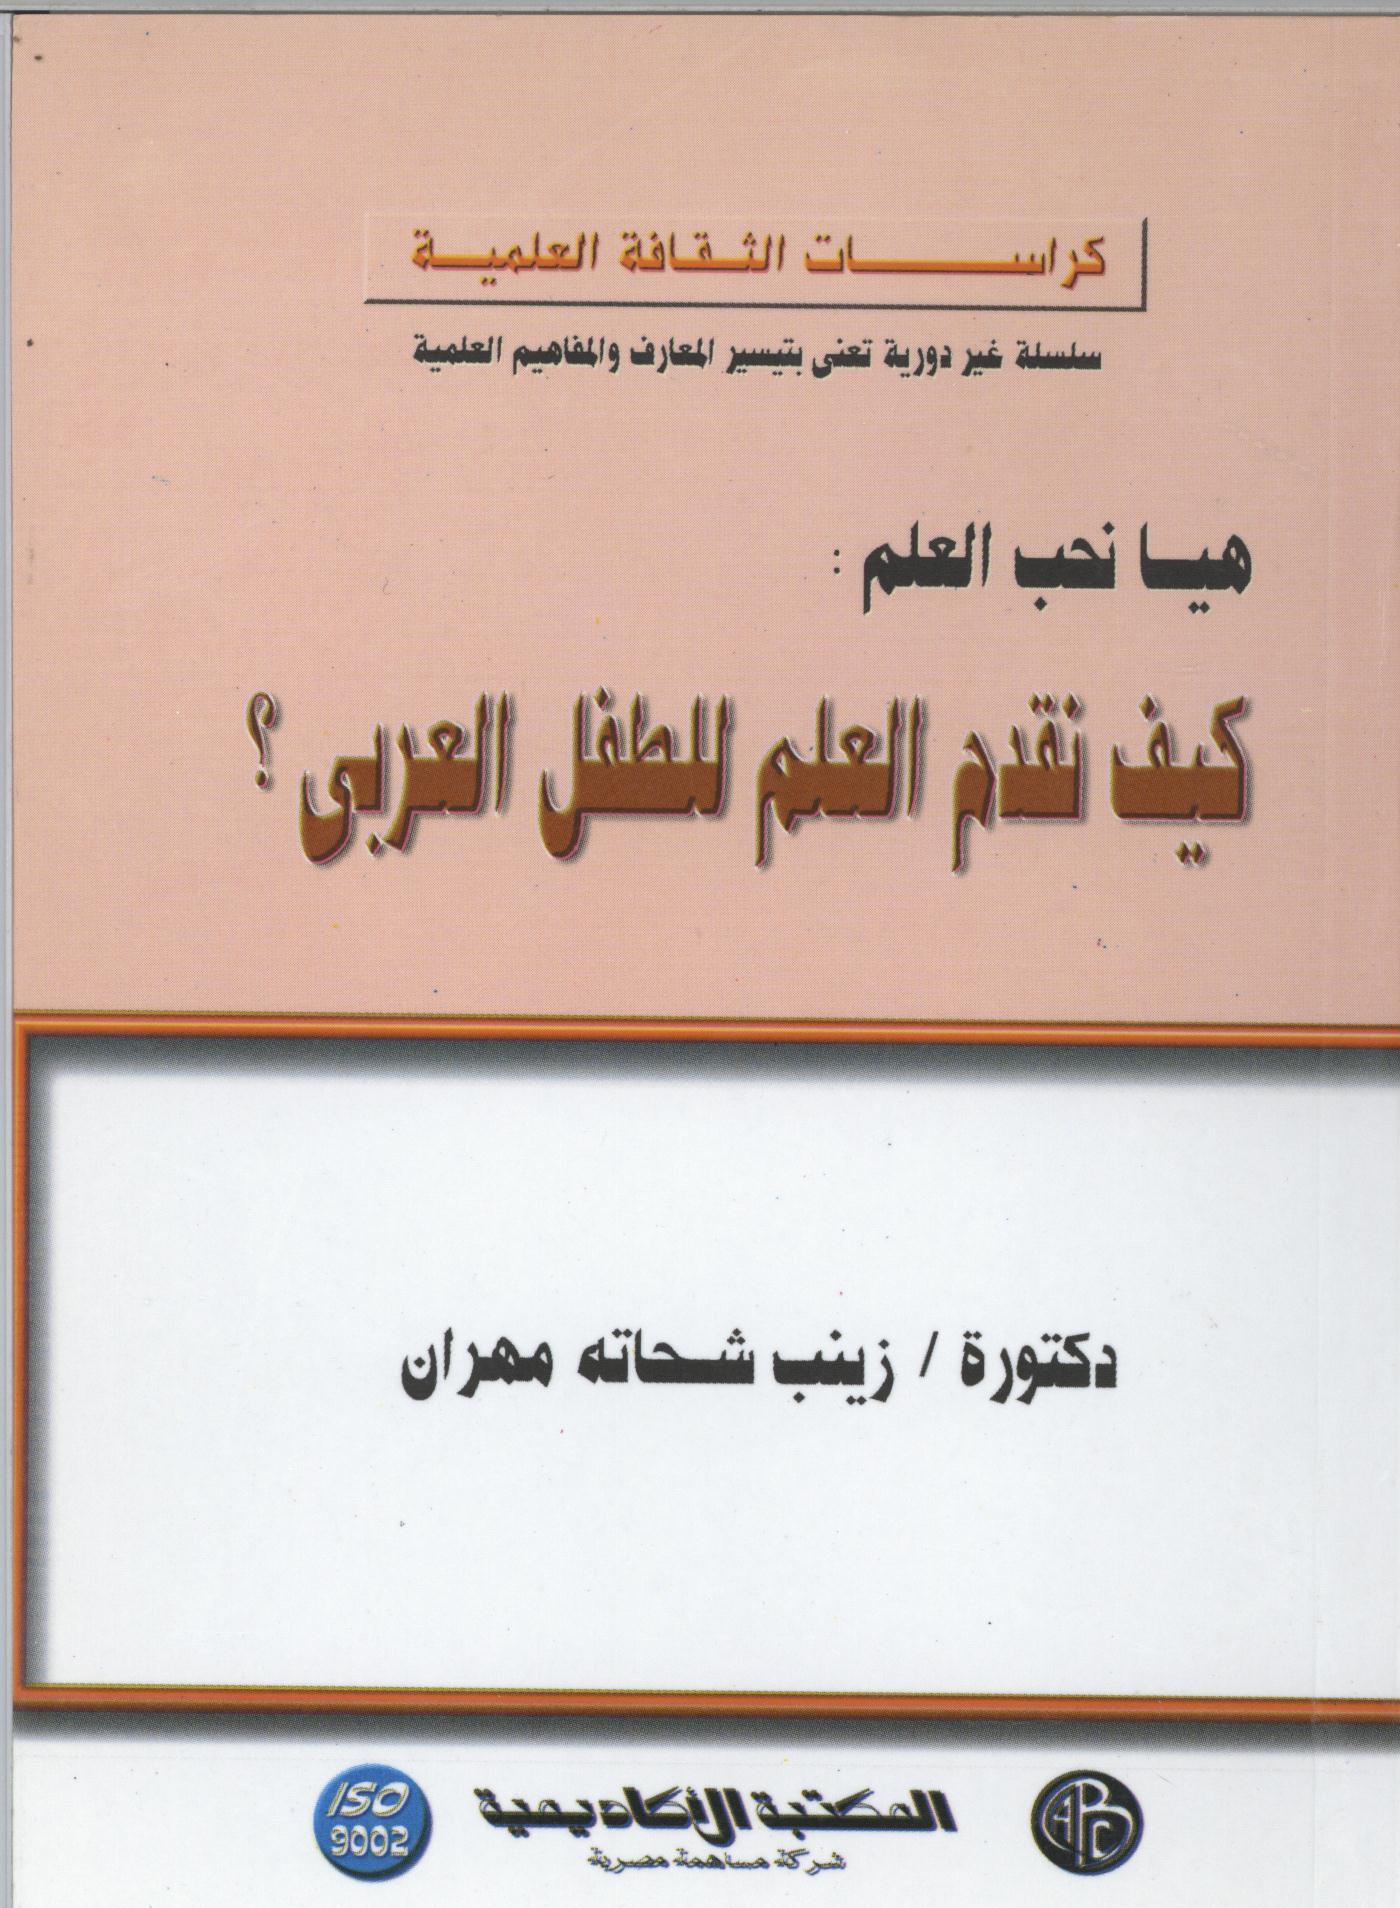 كيف نقدم العلم للطفل العربي ؟